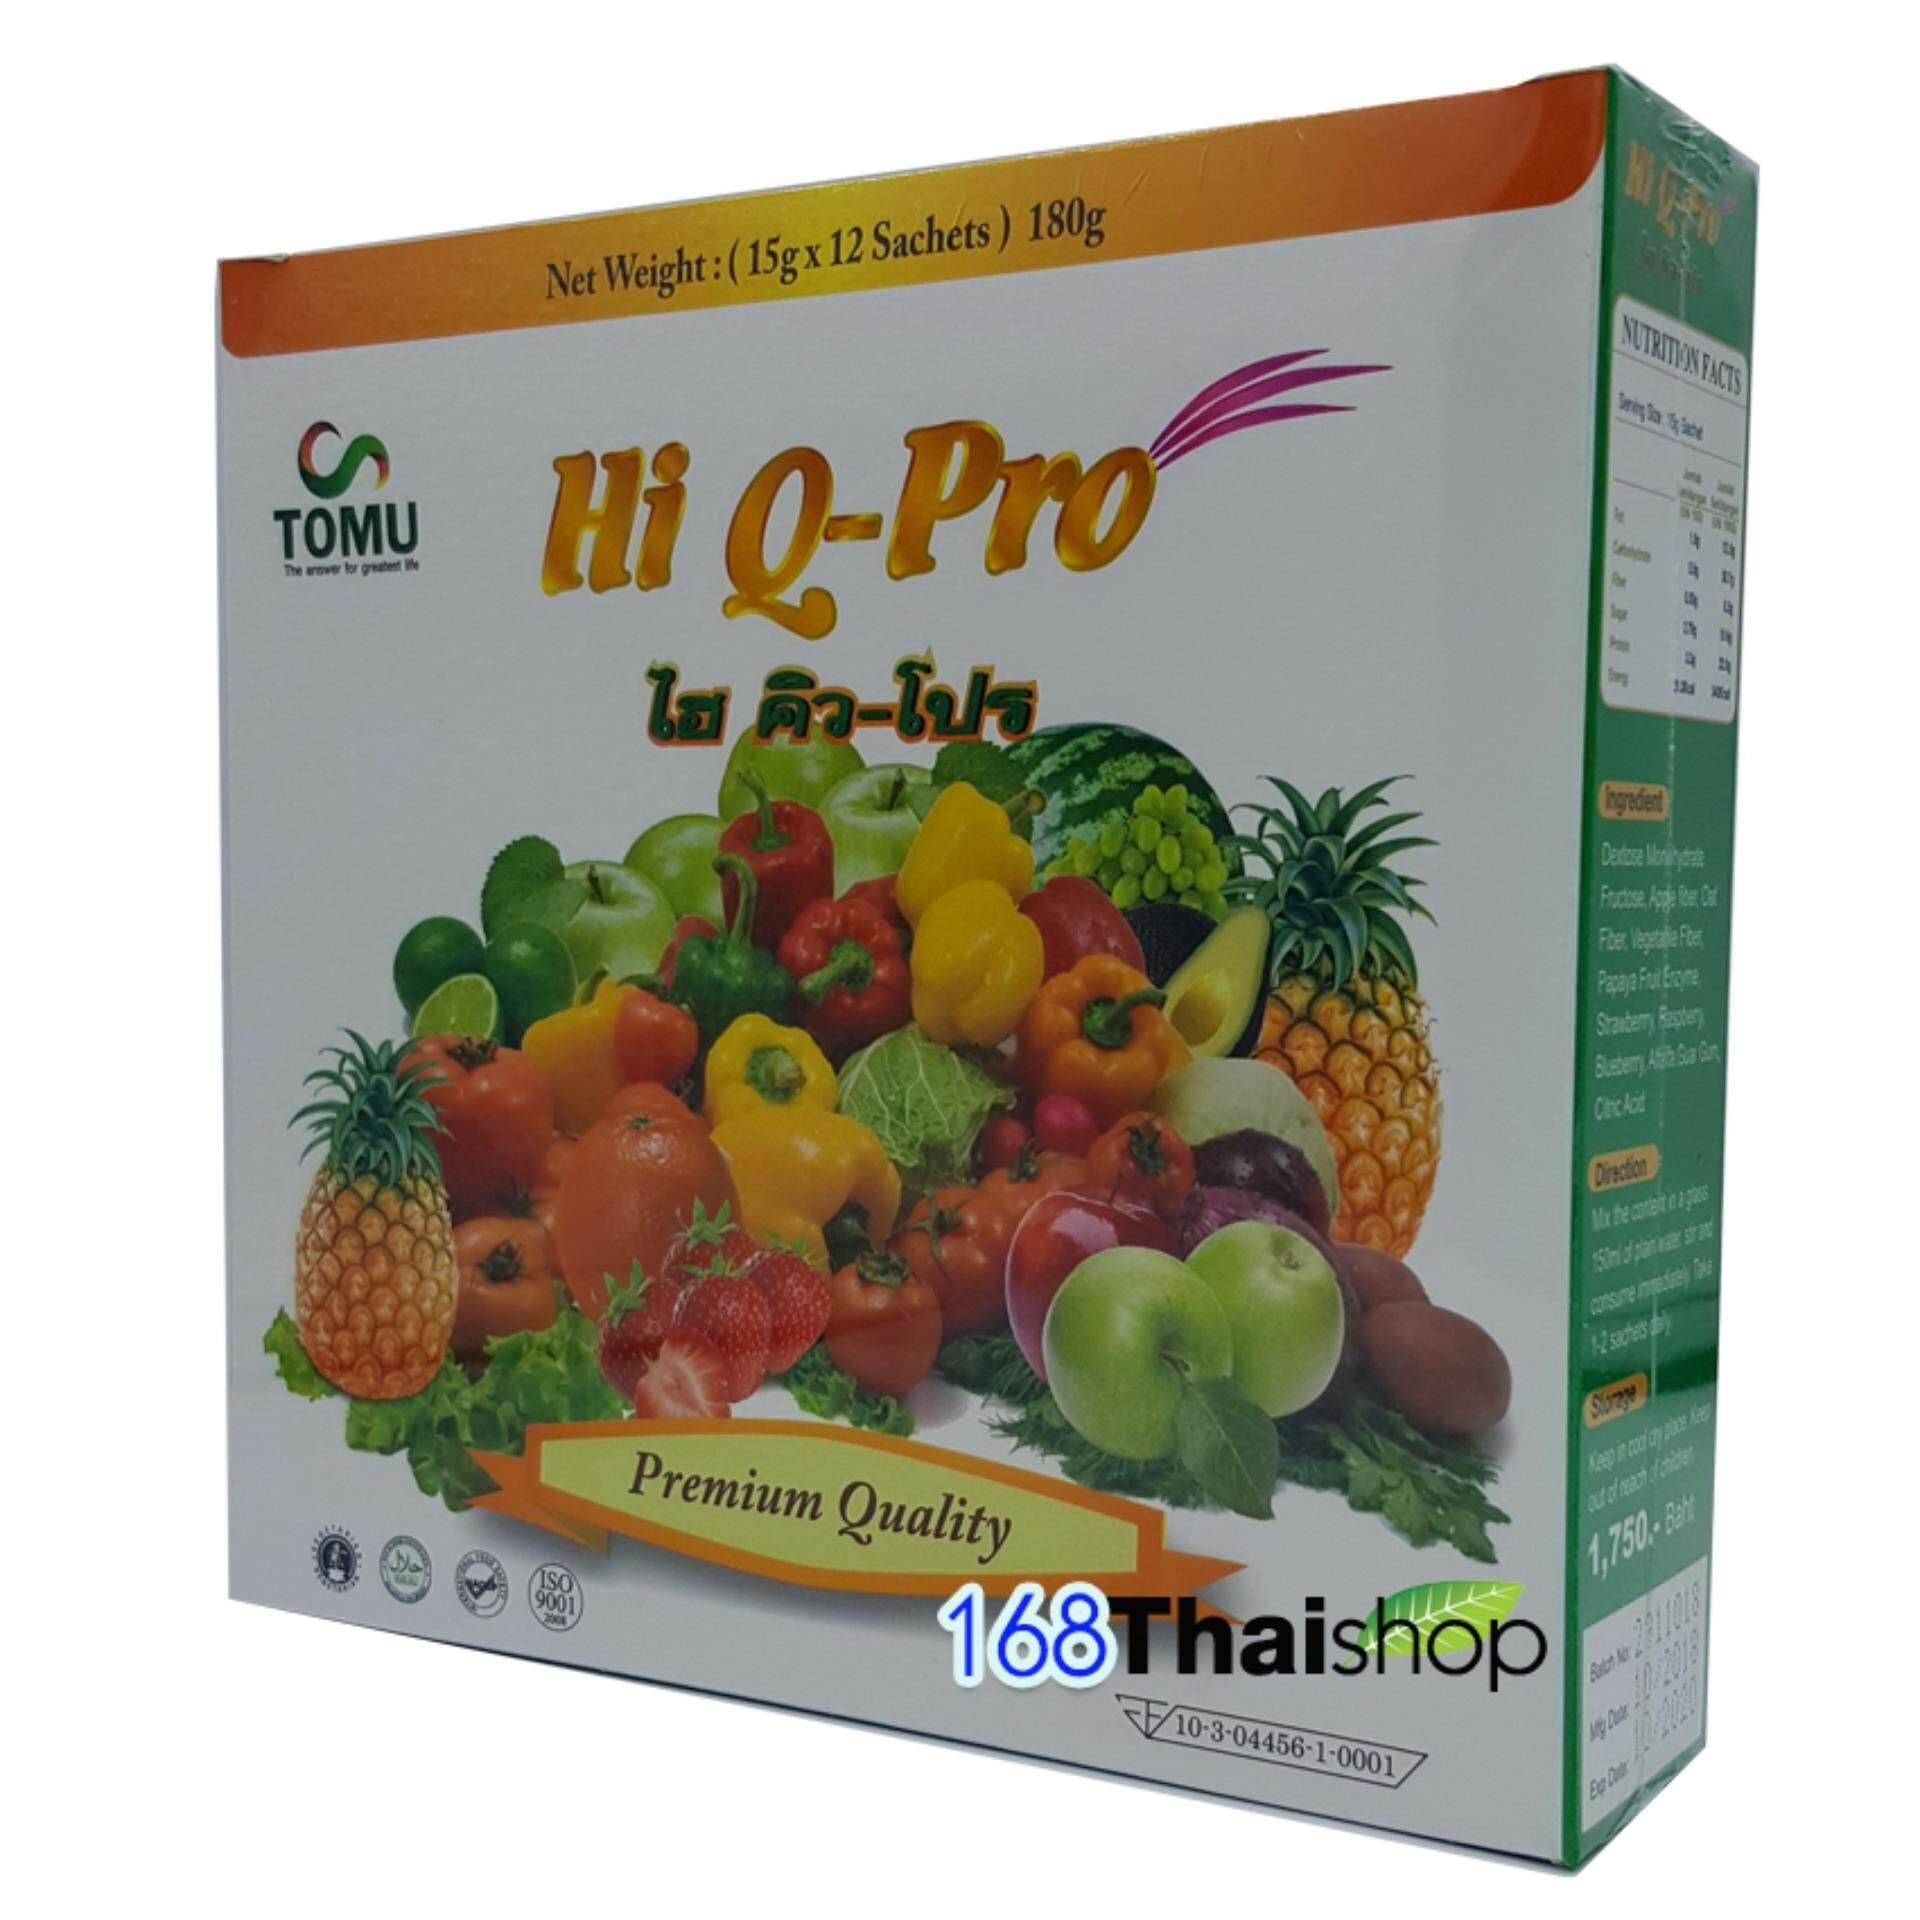 Hi Q Pro ผลิตภัณฑ์เสริมอาหารดีท็อกซ์ล้างลำไส้ (แพคเกจโลโก้ใหม่ กล่องละ 12 ซอง )